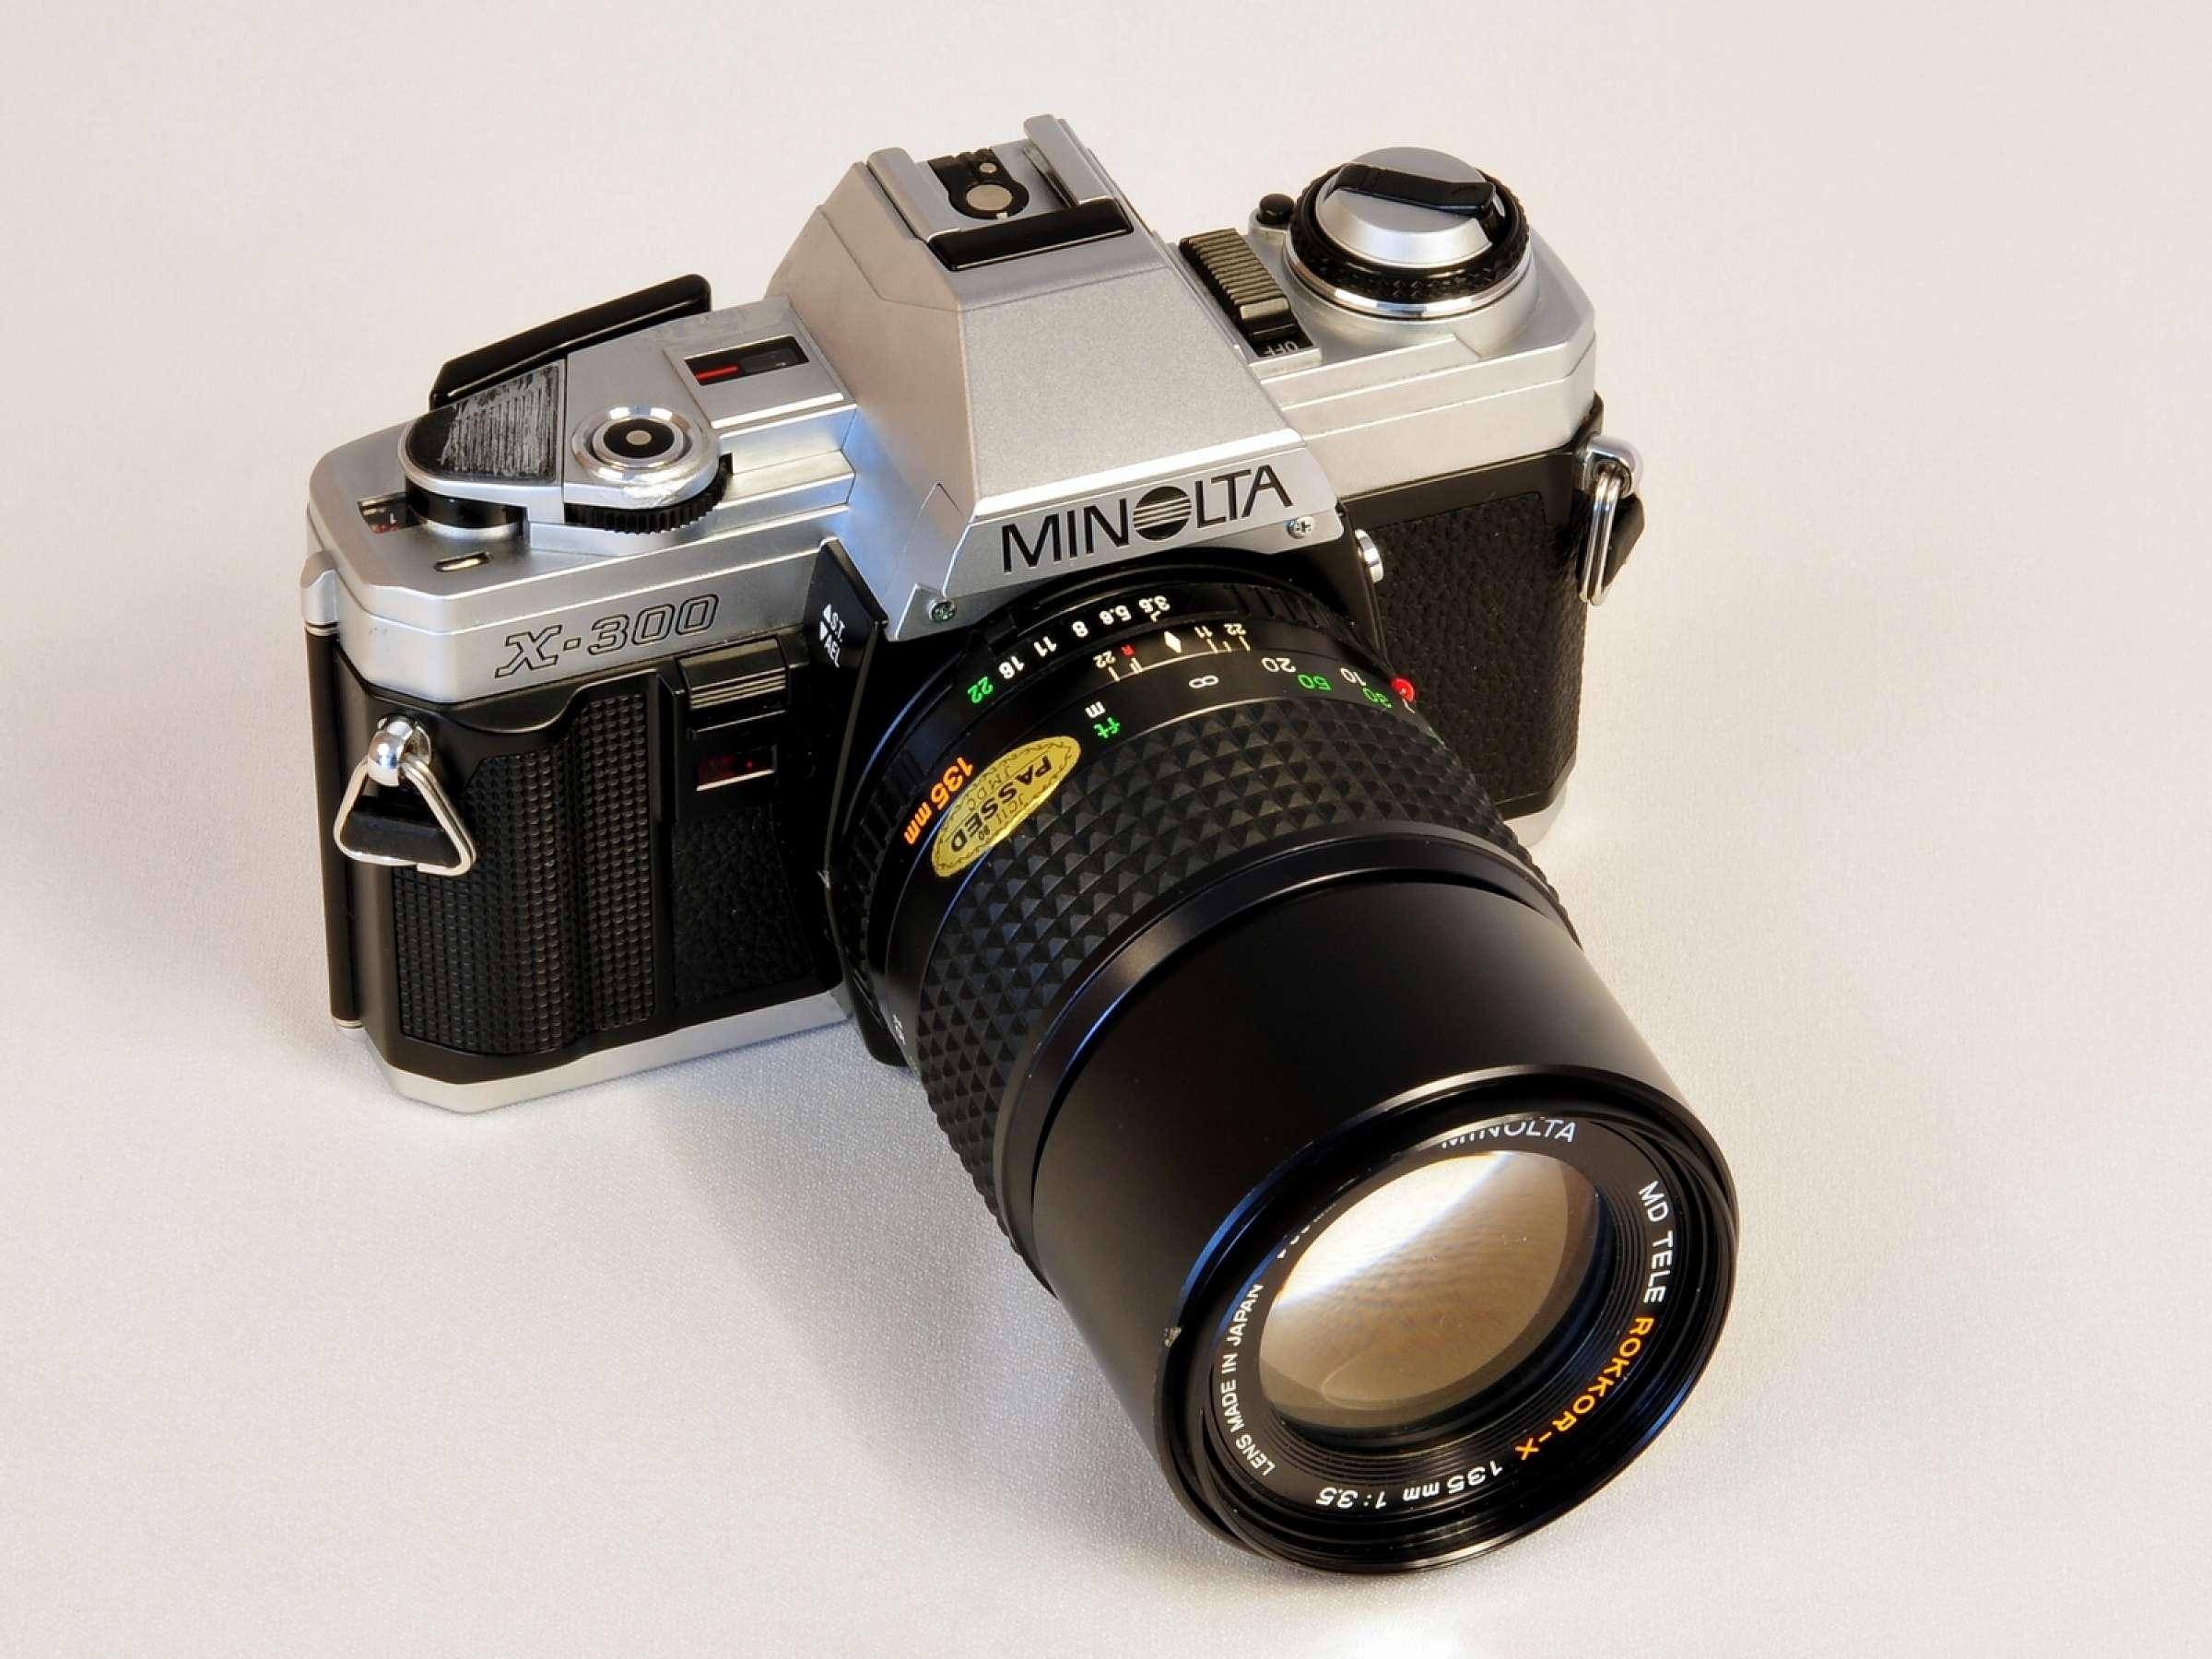 некоторое время современные фотоаппараты их отличие от пленочных органза часто